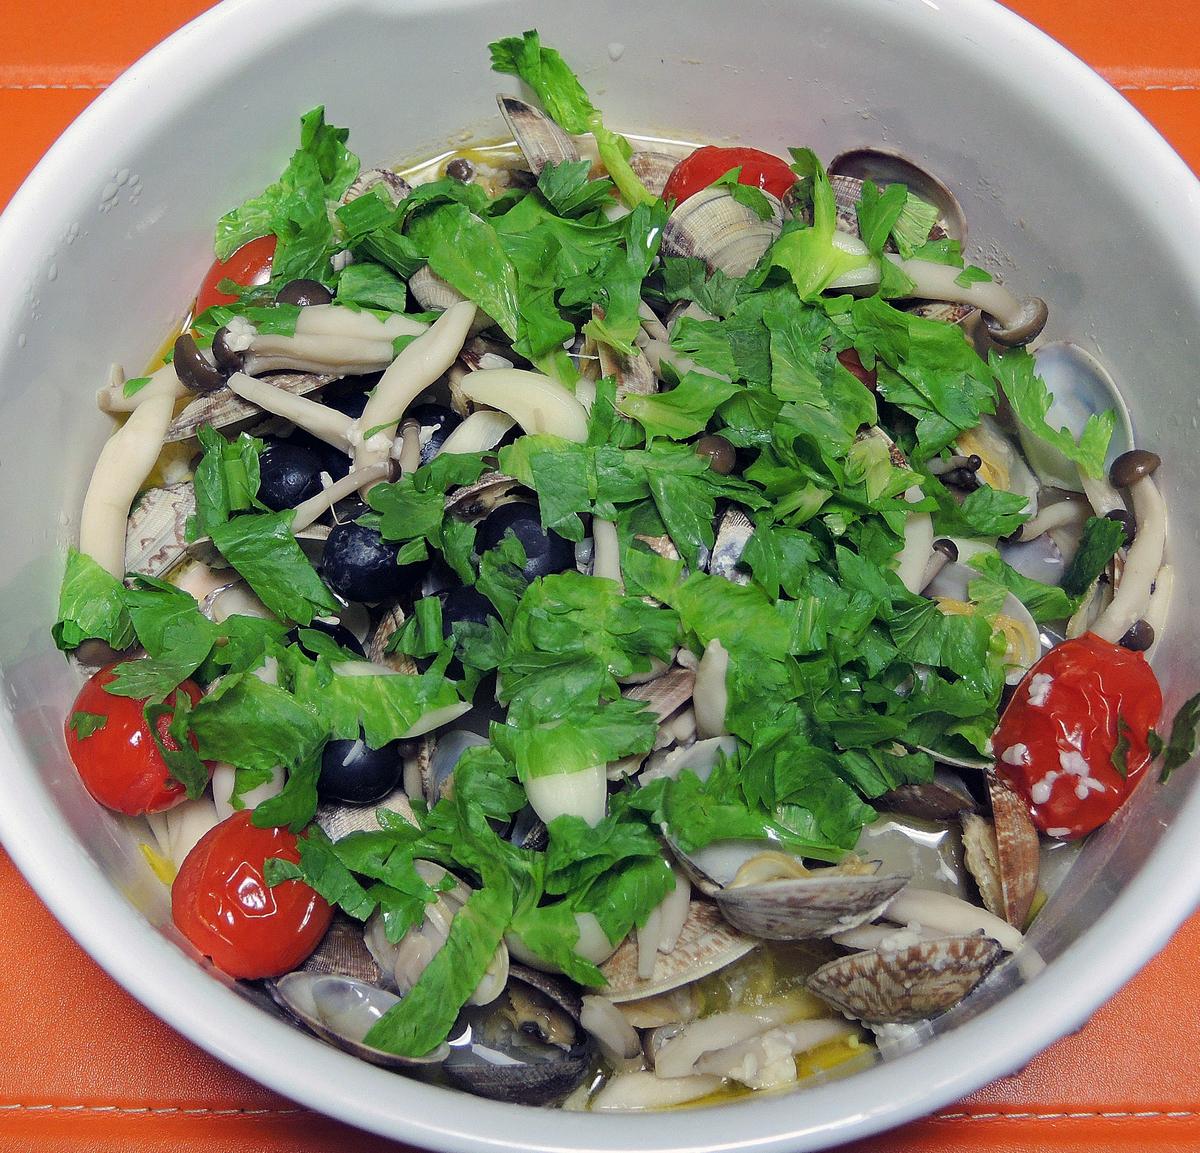 f:id:sashimi-fish1:20200117174057j:image:w250:right